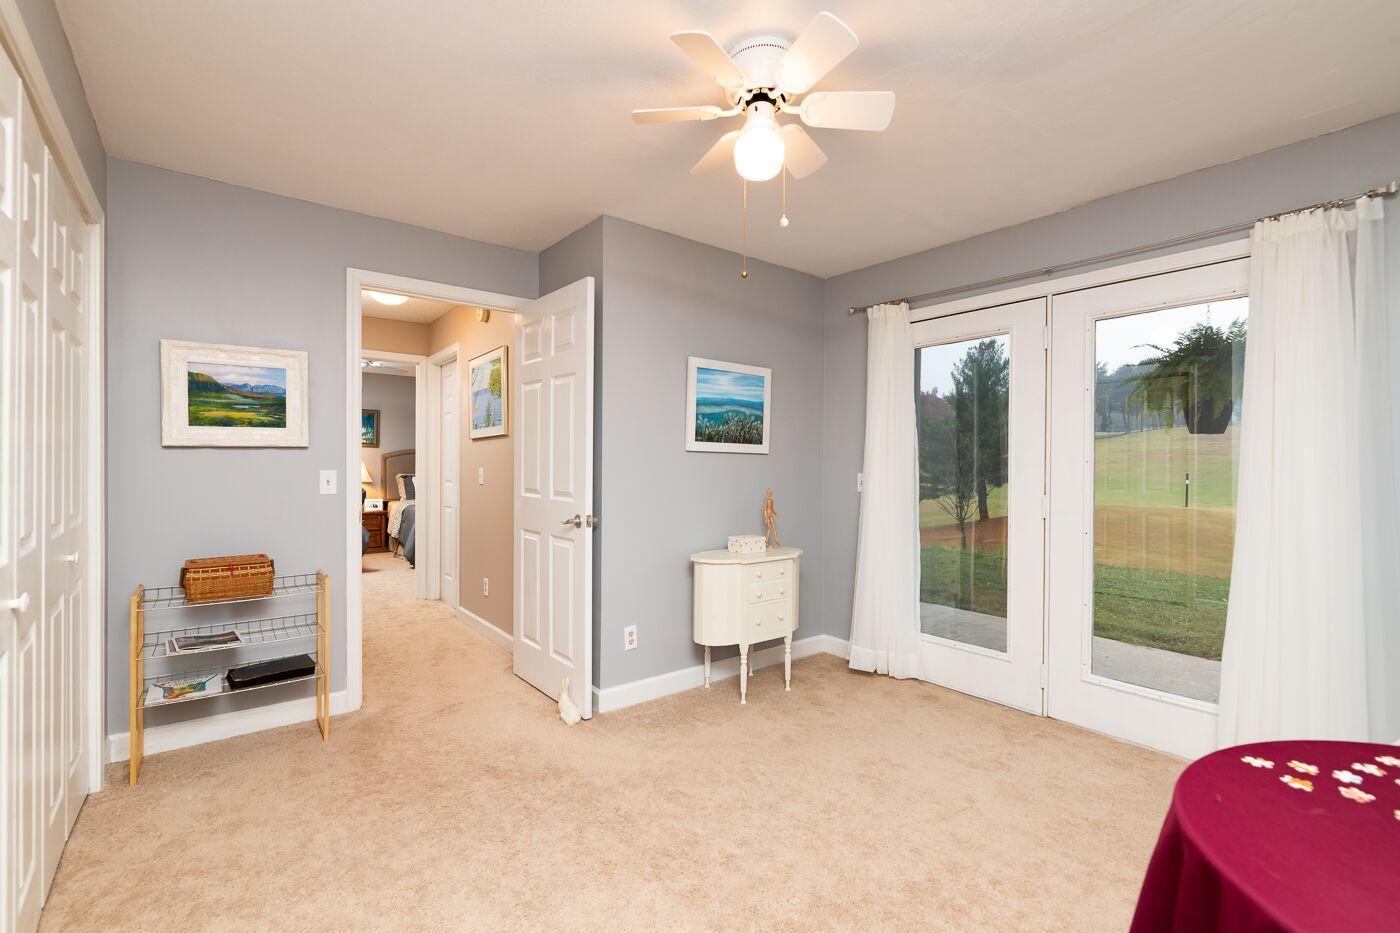 Bedroom 3 & Doors to deck